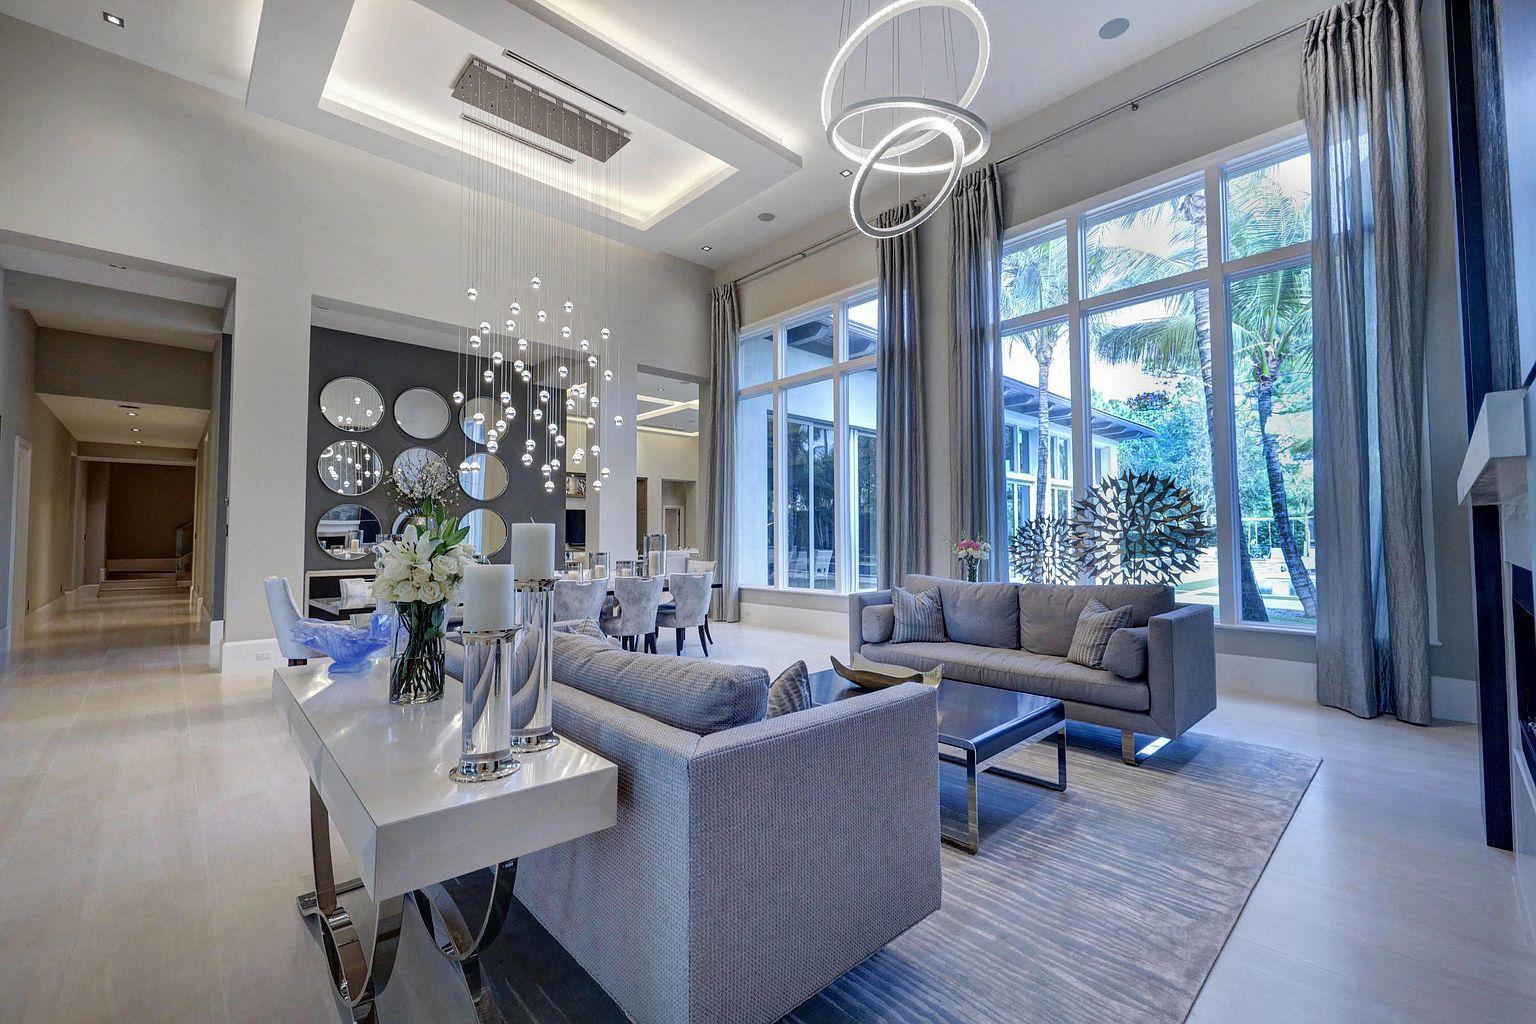 50cc50ea06289d903432605cab1573d2 - Rooms For Rent Palm Beach Gardens Fl